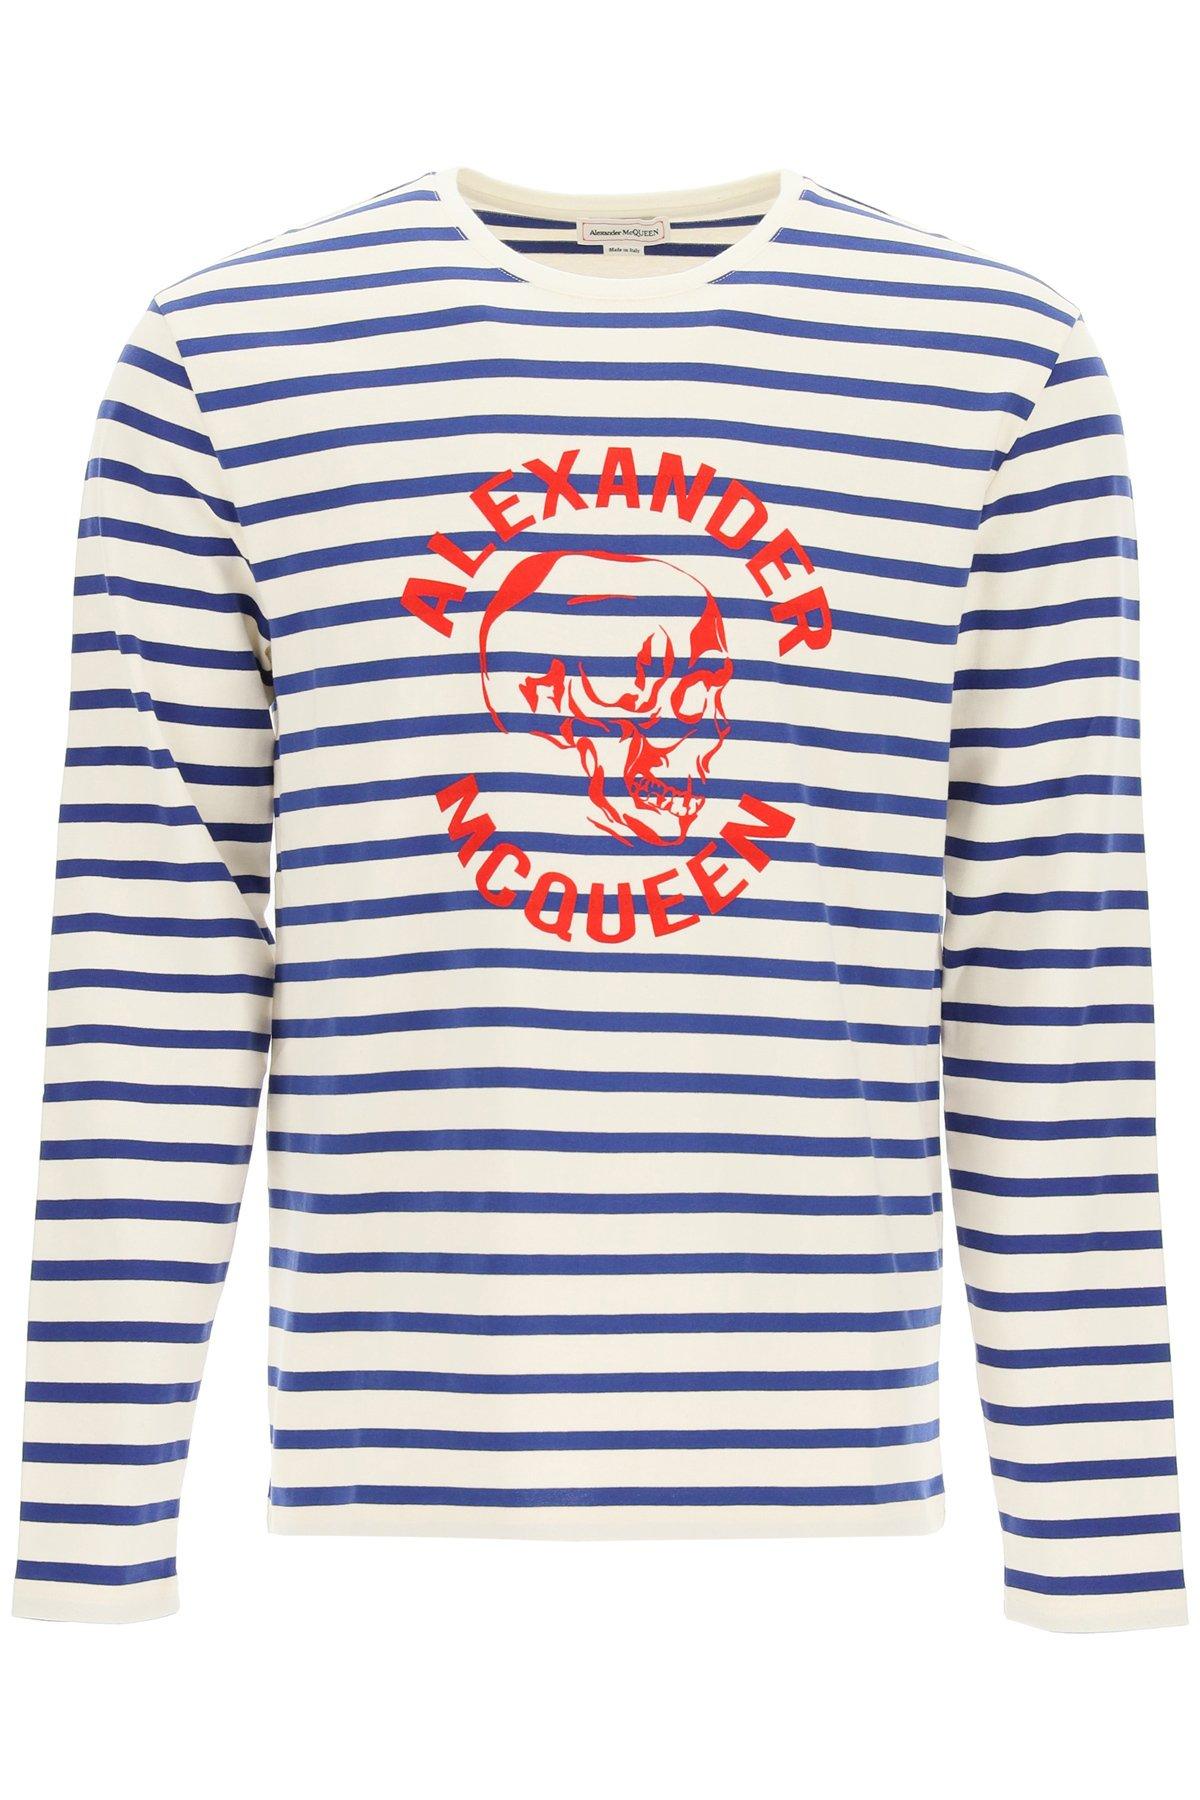 Alexander mcqueen maglia con logo